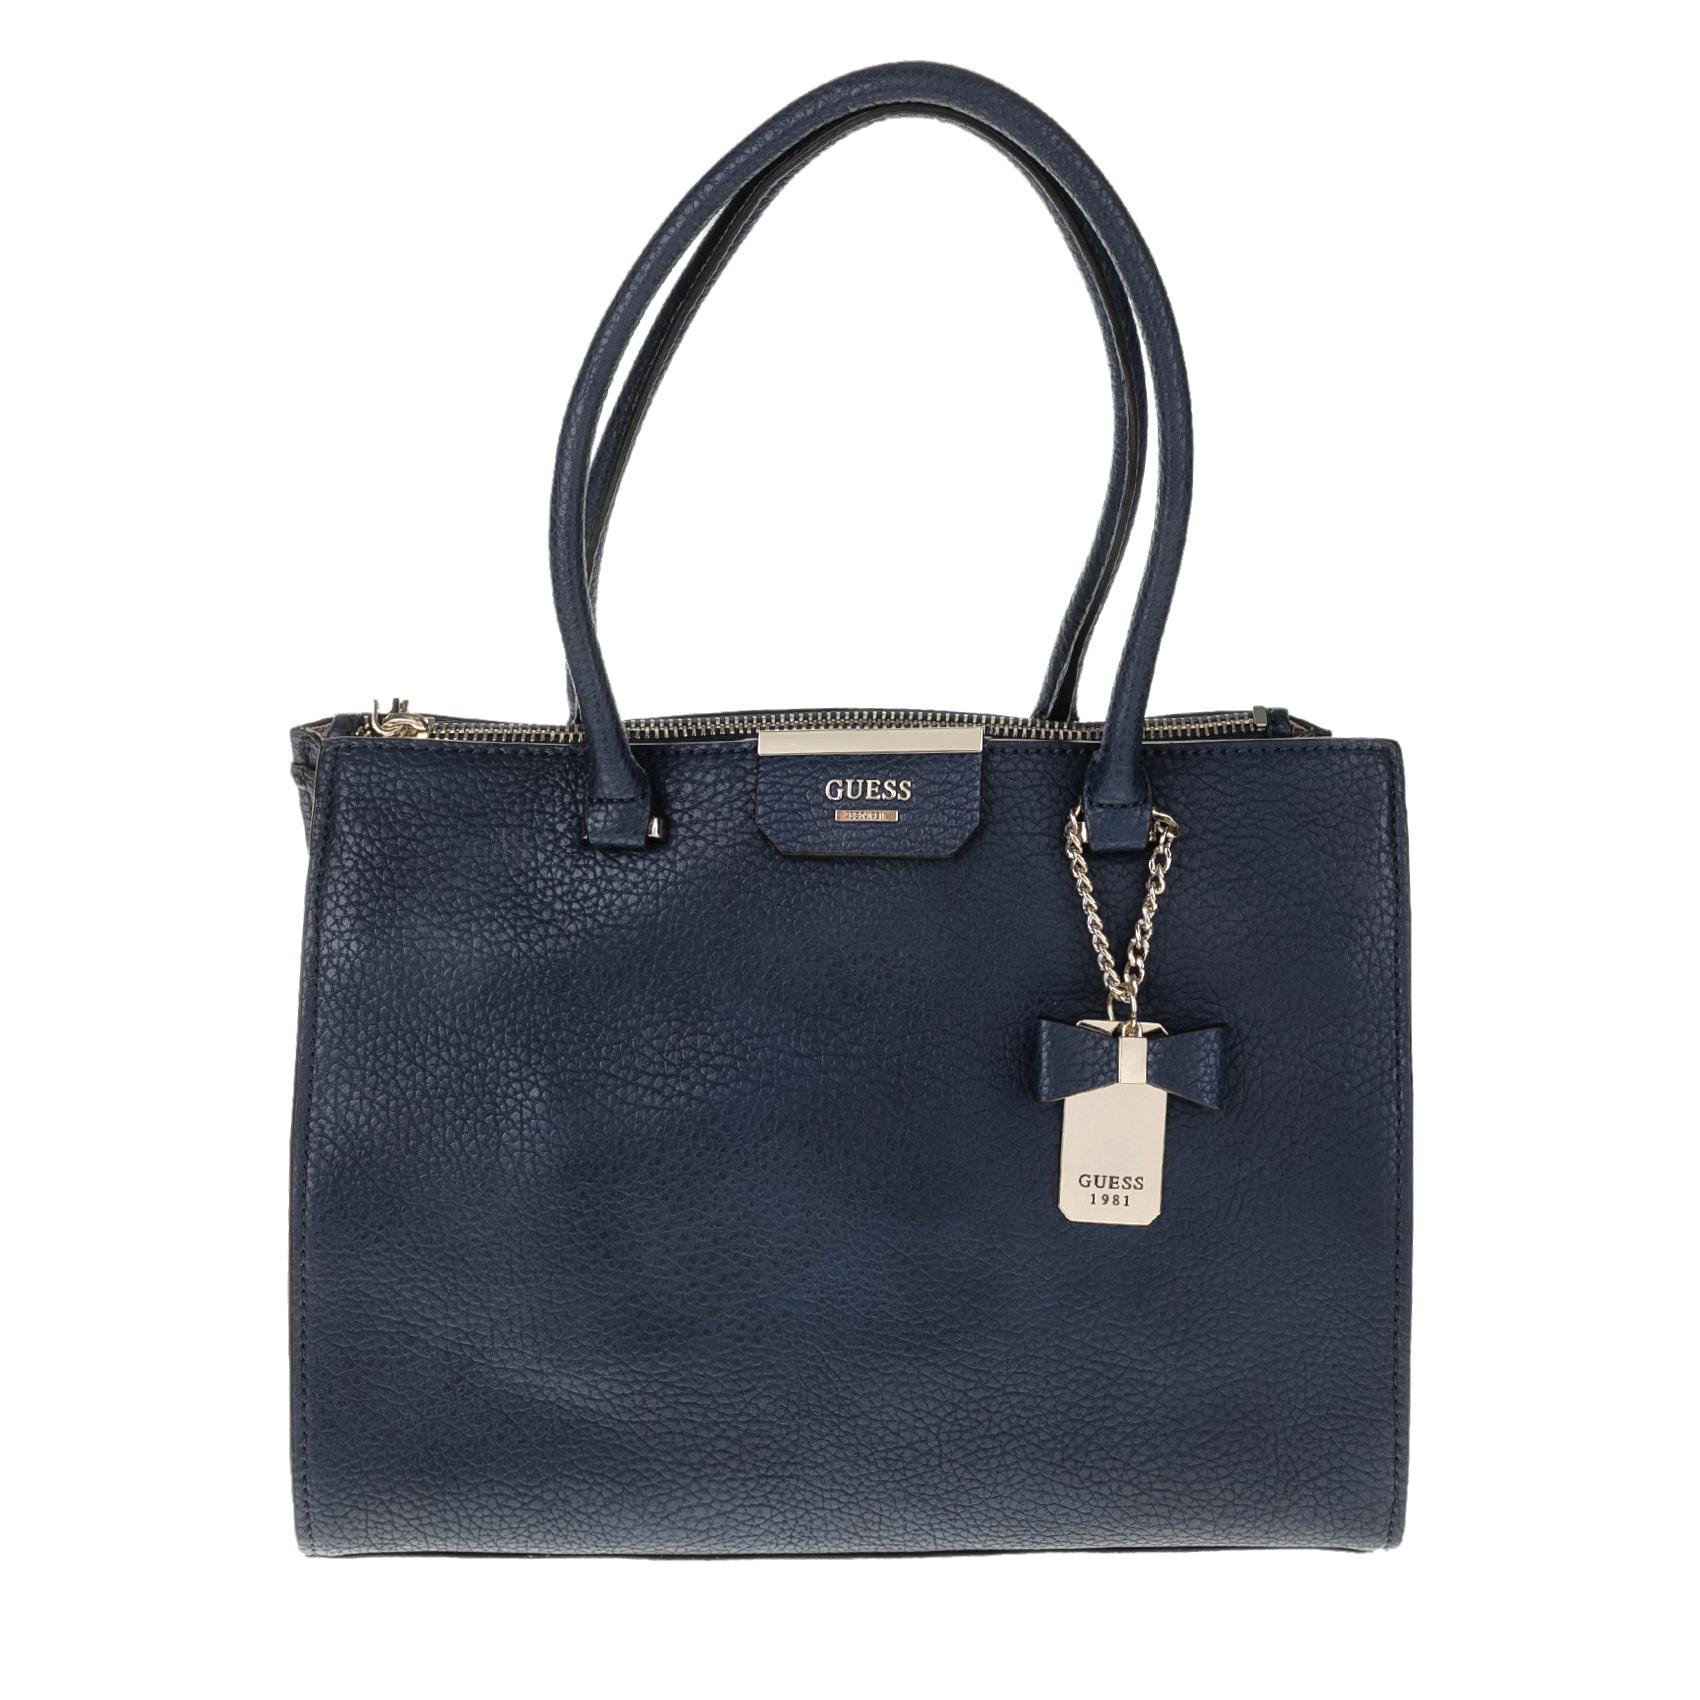 GUESS – Γυναικεία τσάντα GUESS RYANN μπλε 1571344.0-0016